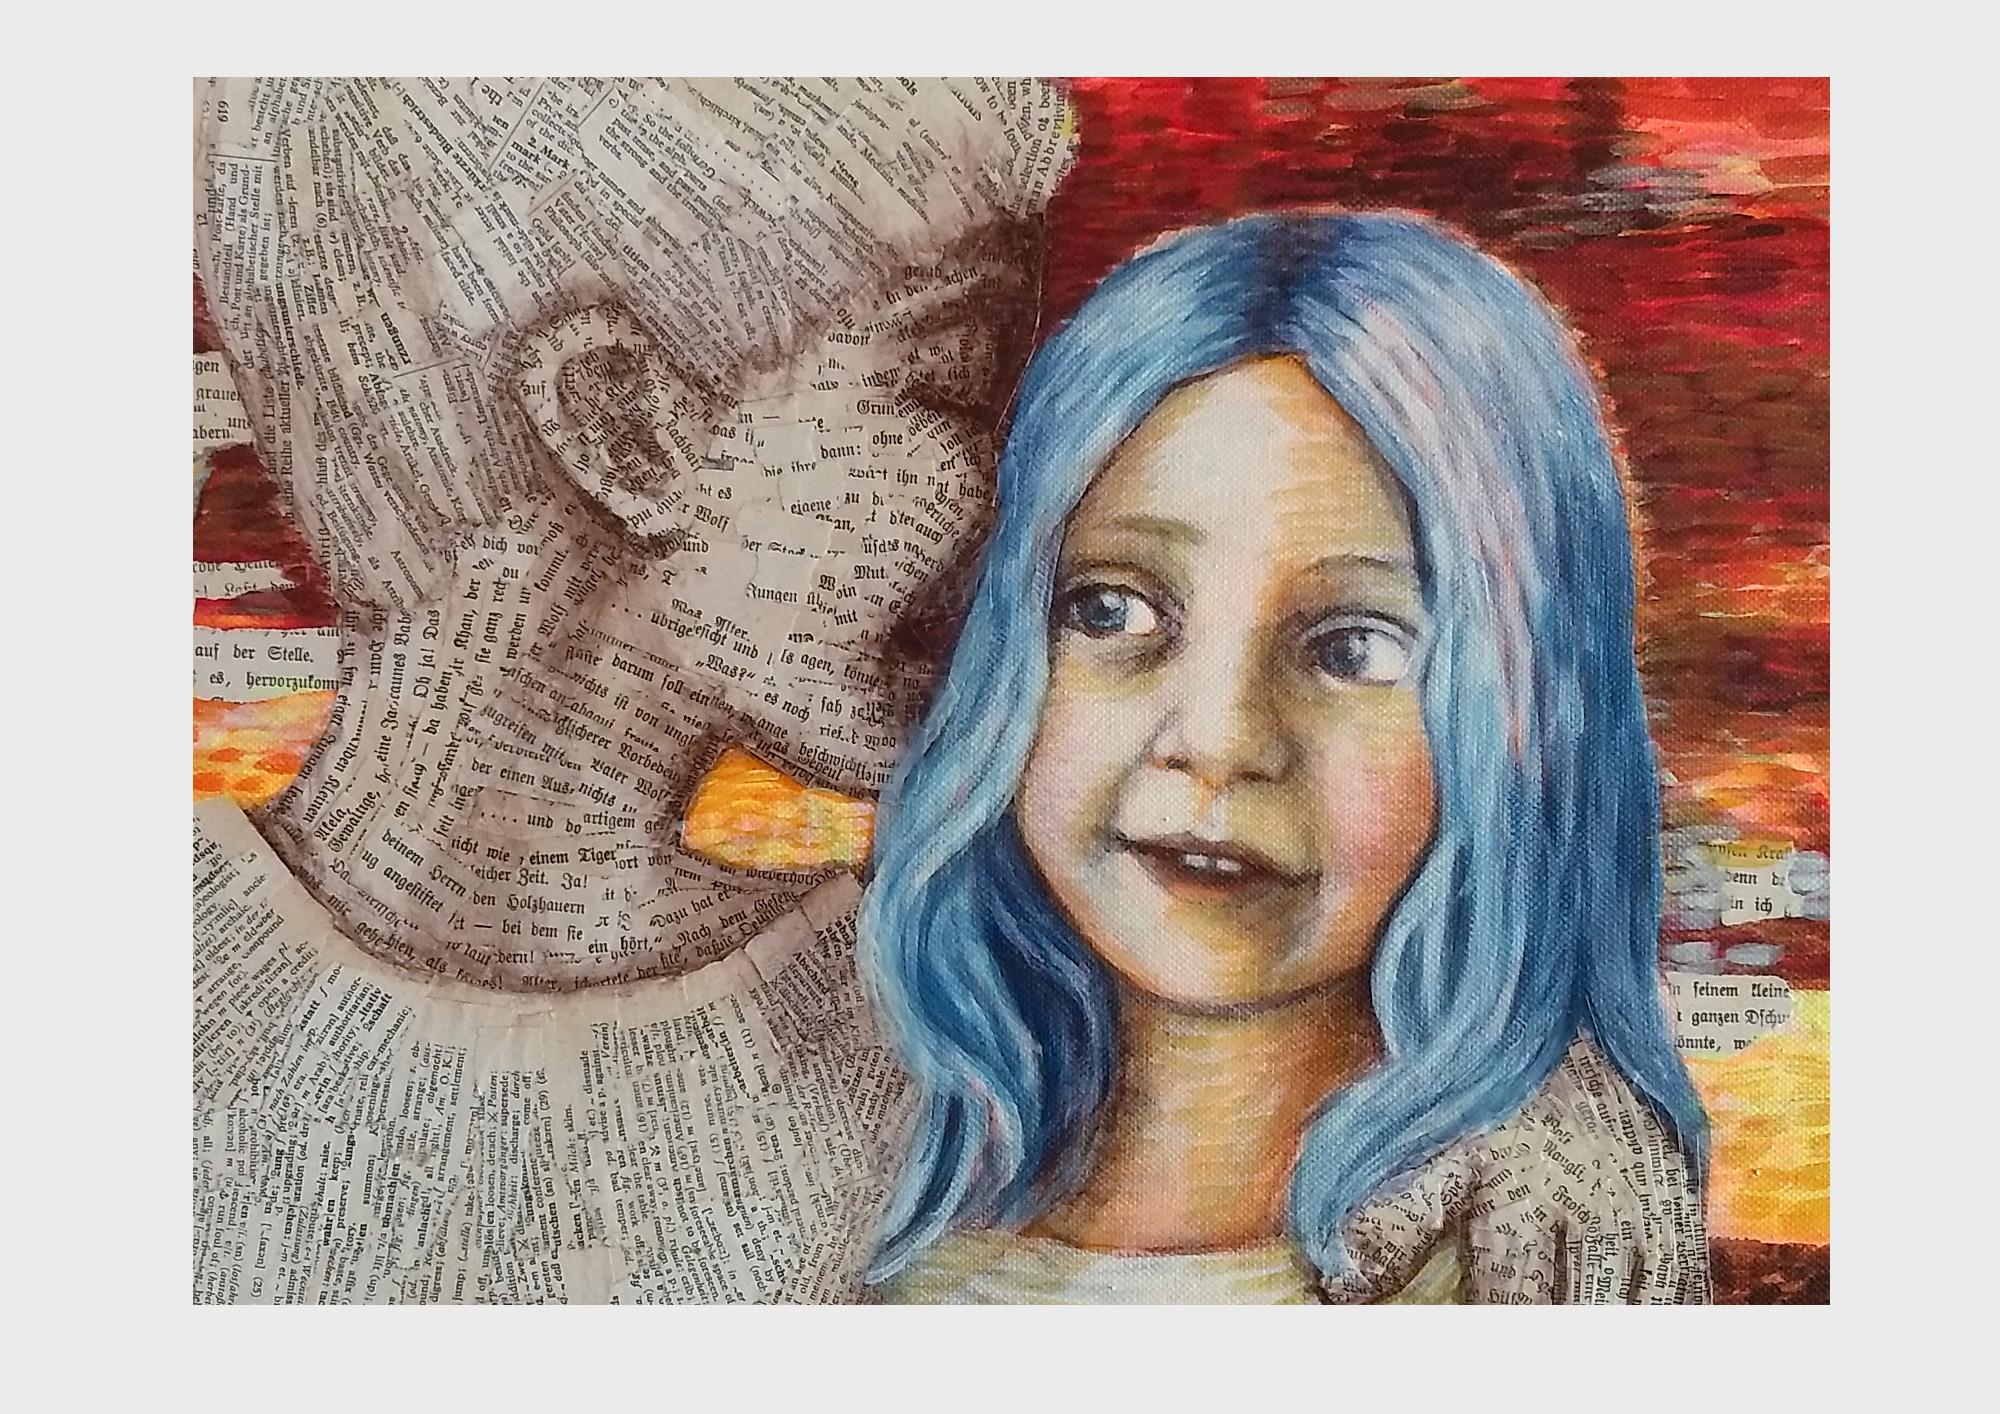 Detailansicht: Ein Bild über Bücher und Worte: Collage aus alten Buchseiten mit Satzzeichen und Farbpunkten im Pointilismus Stil. Zwei Kinder im orange-roten Herbstwald, der Junge ist das Buch und flüstert dem Mädchen mit den blauen Haaren die Geschichte ins Ohr.